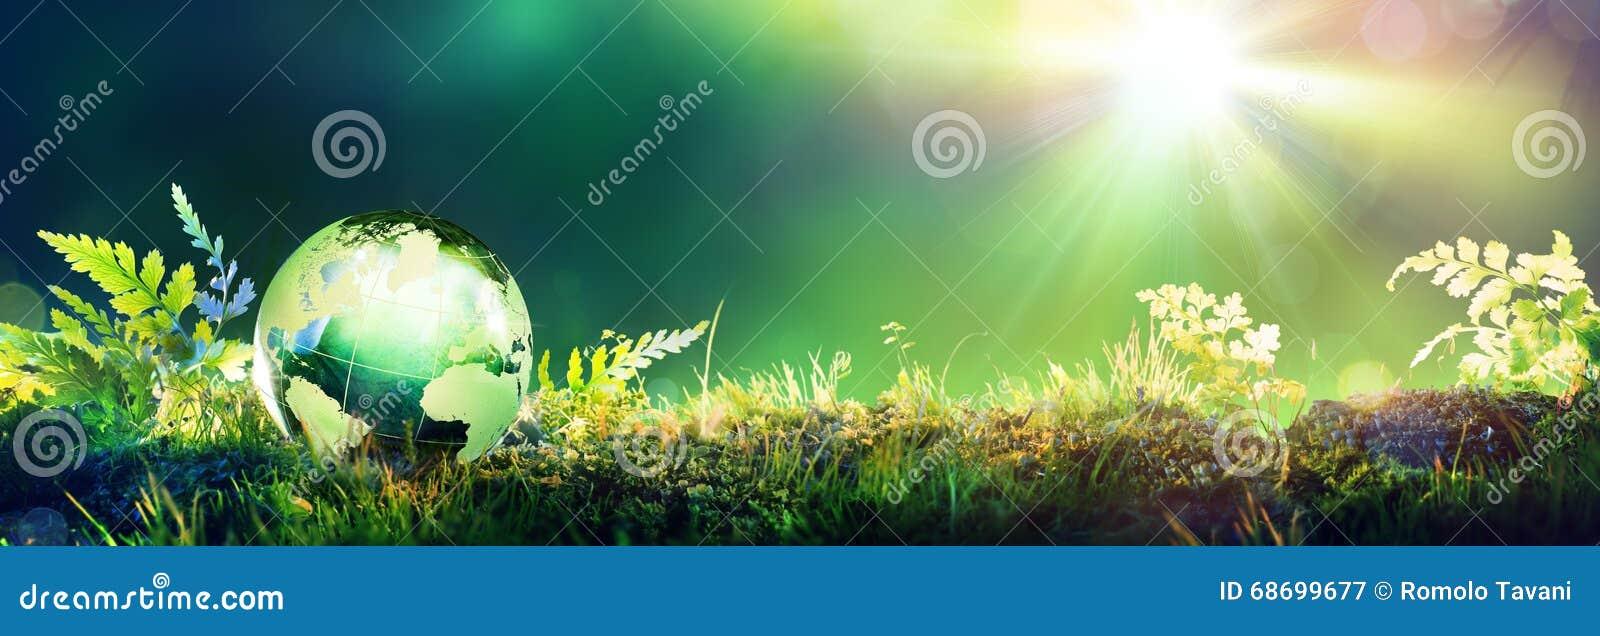 Globo verde no musgo